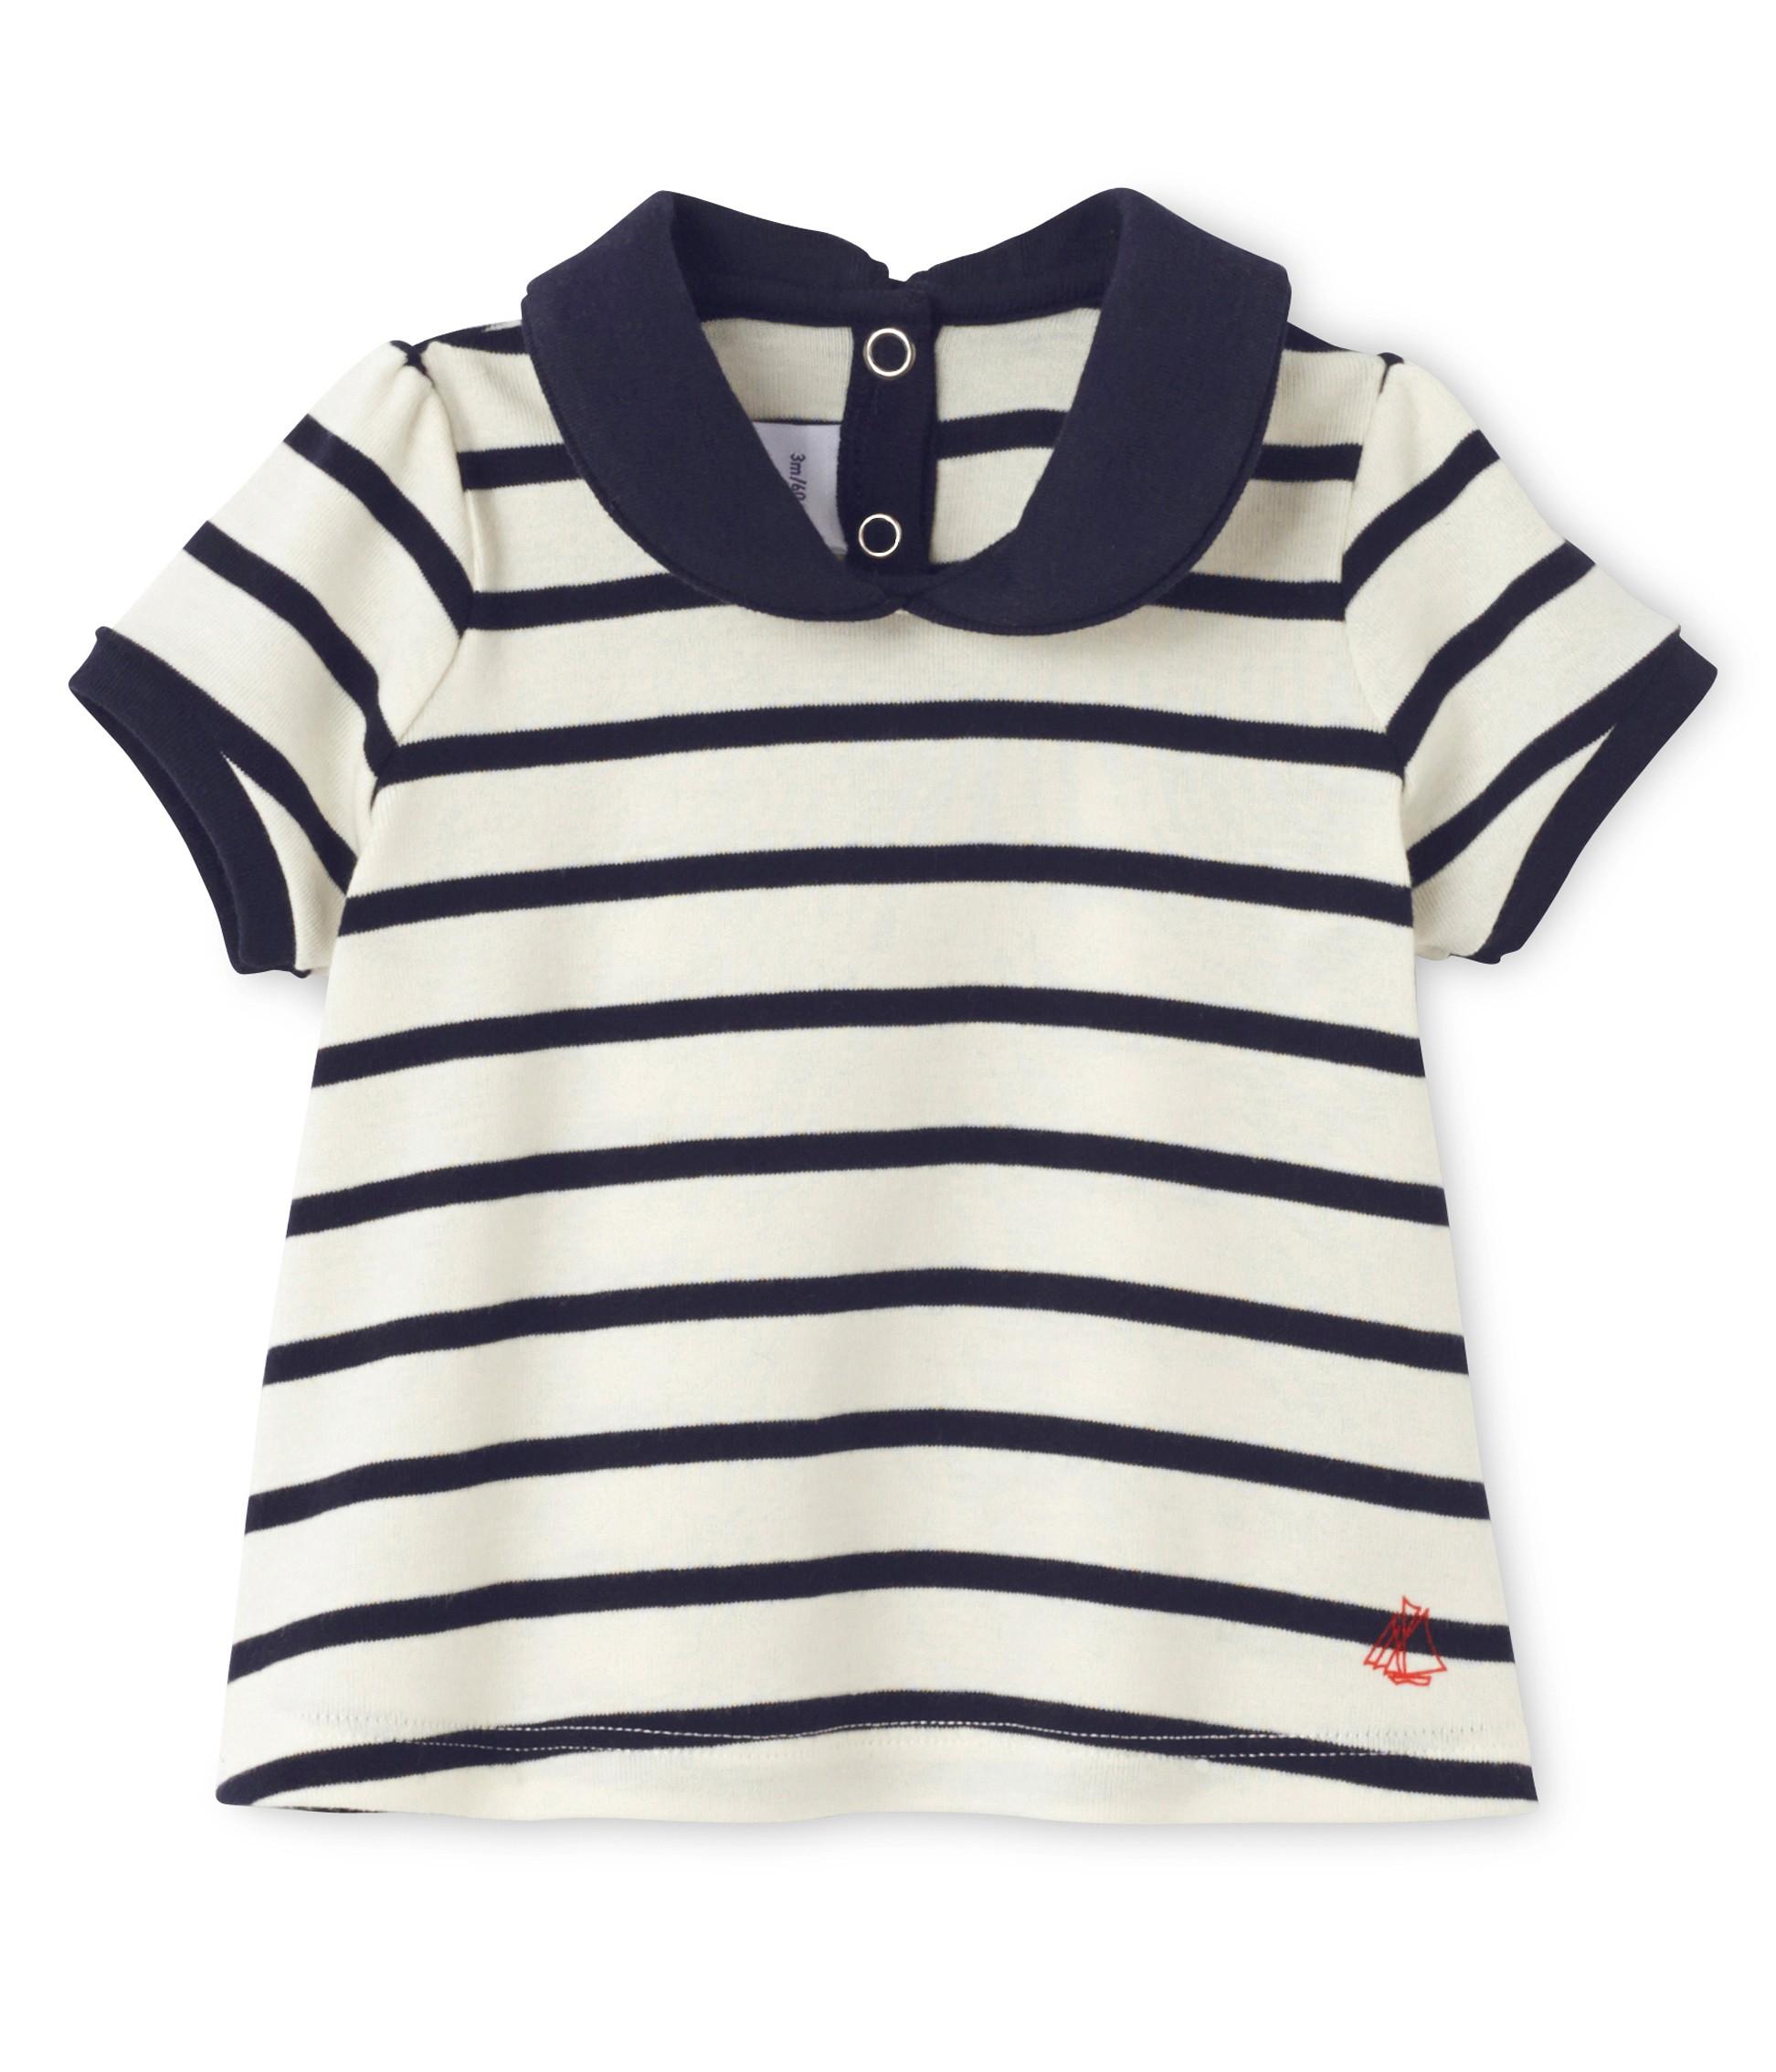 41f181129b30 Μπλούζα κοντομάνικη ριγέ με γιακά για μωρό κορίτσι - petit-bateau.gr